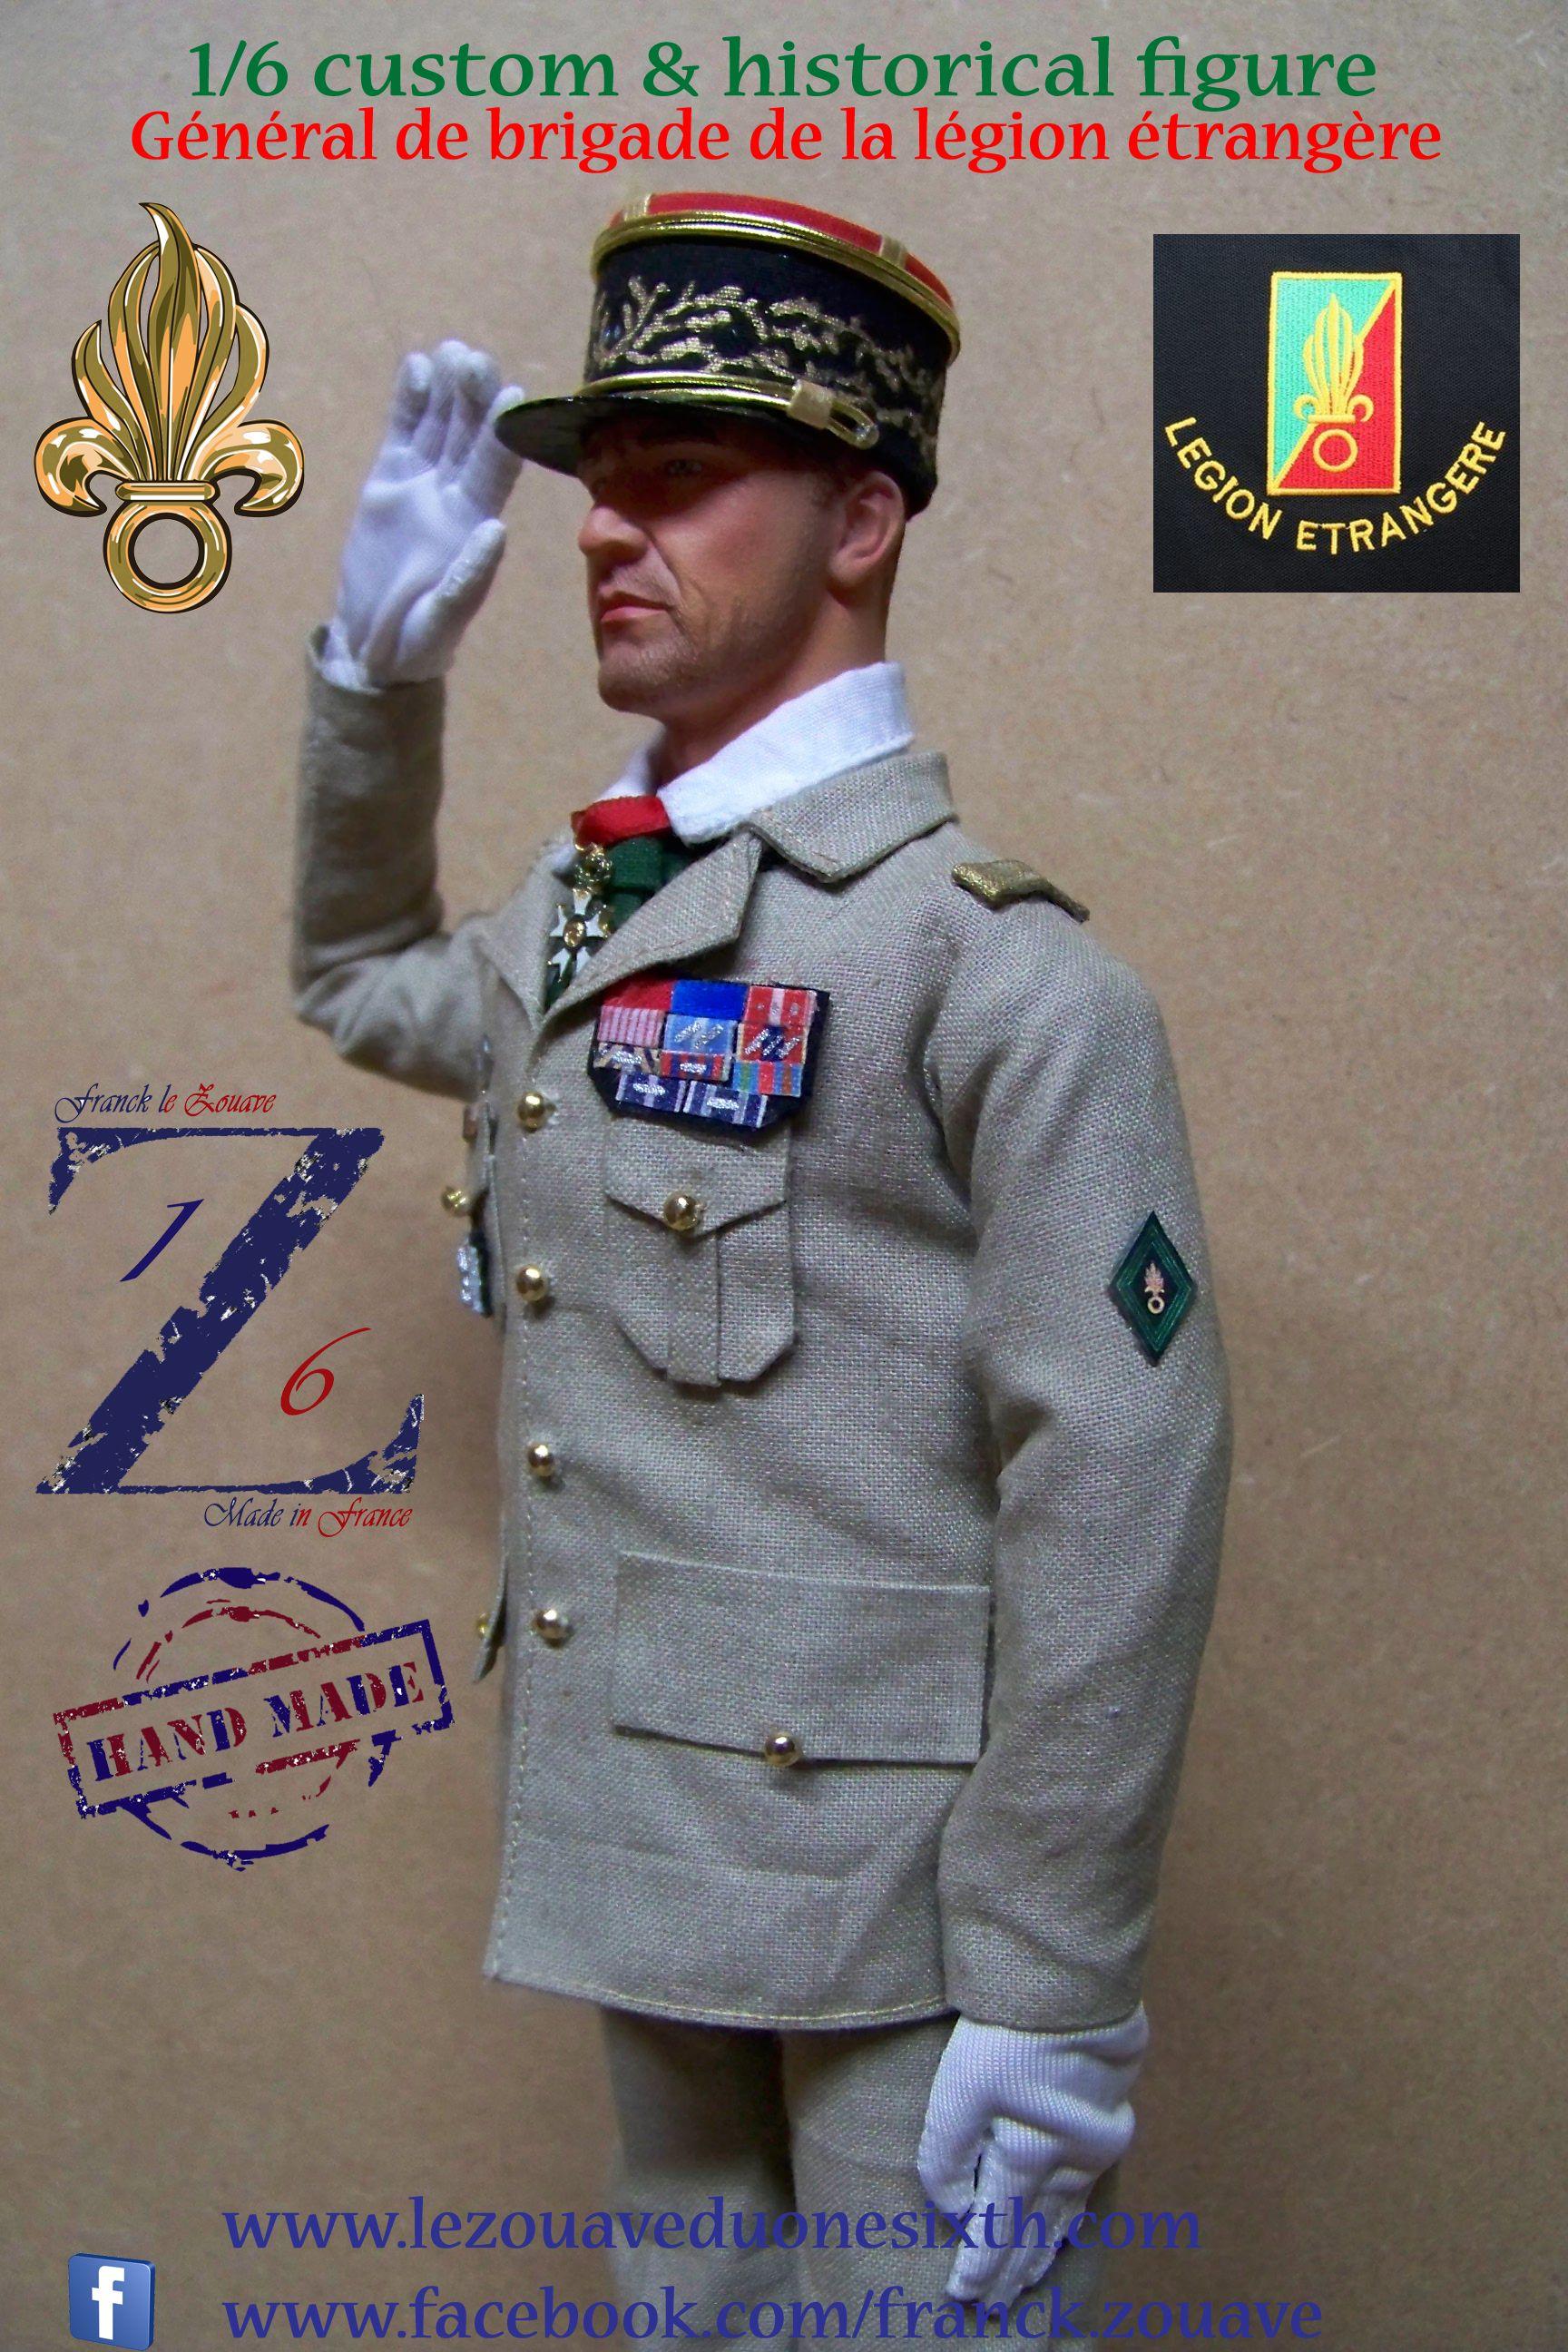 Figurine à l'échelle 1/6 représentant un général de brigade de la légion étrangère